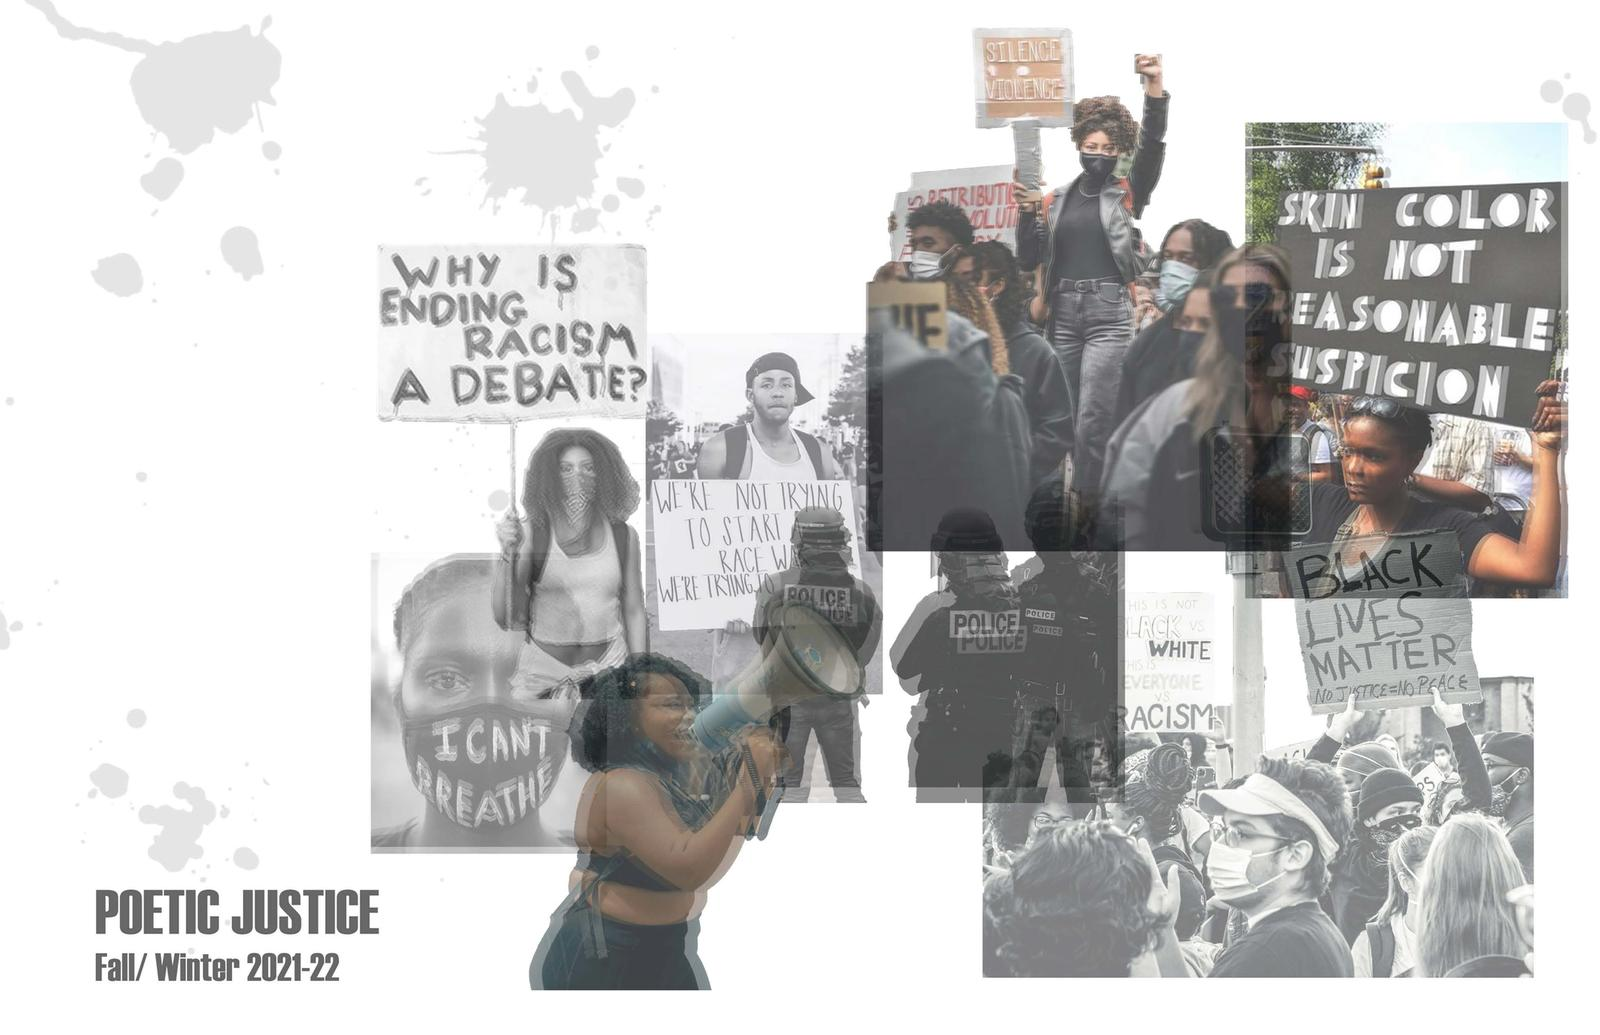 Poetic Justice Concept/Mood board